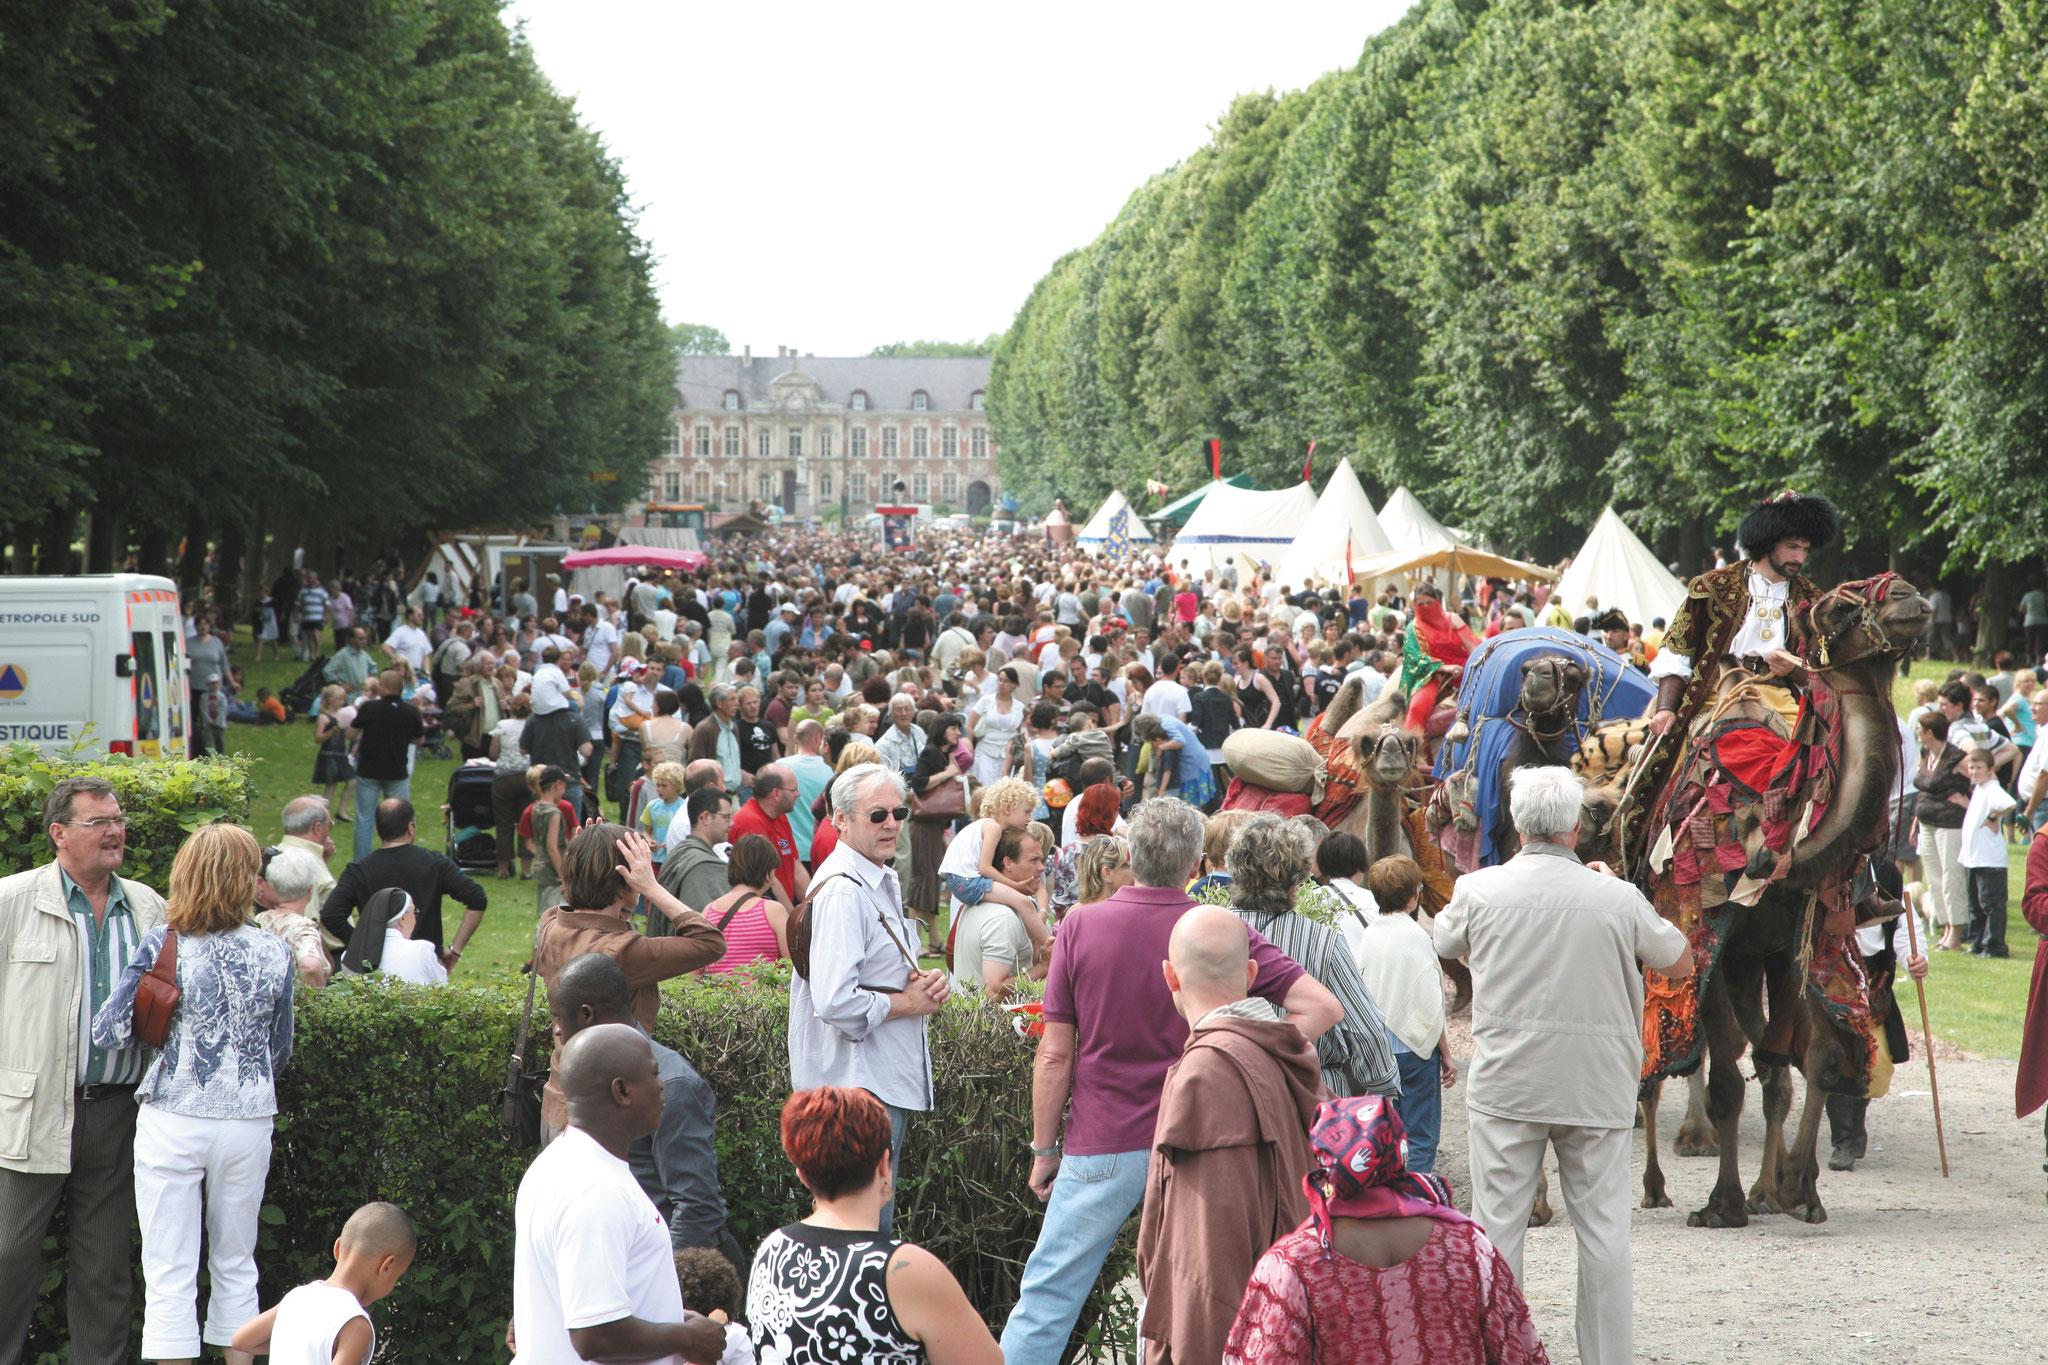 La Drève noire de monde lors de la Fête des Harengs en 2008